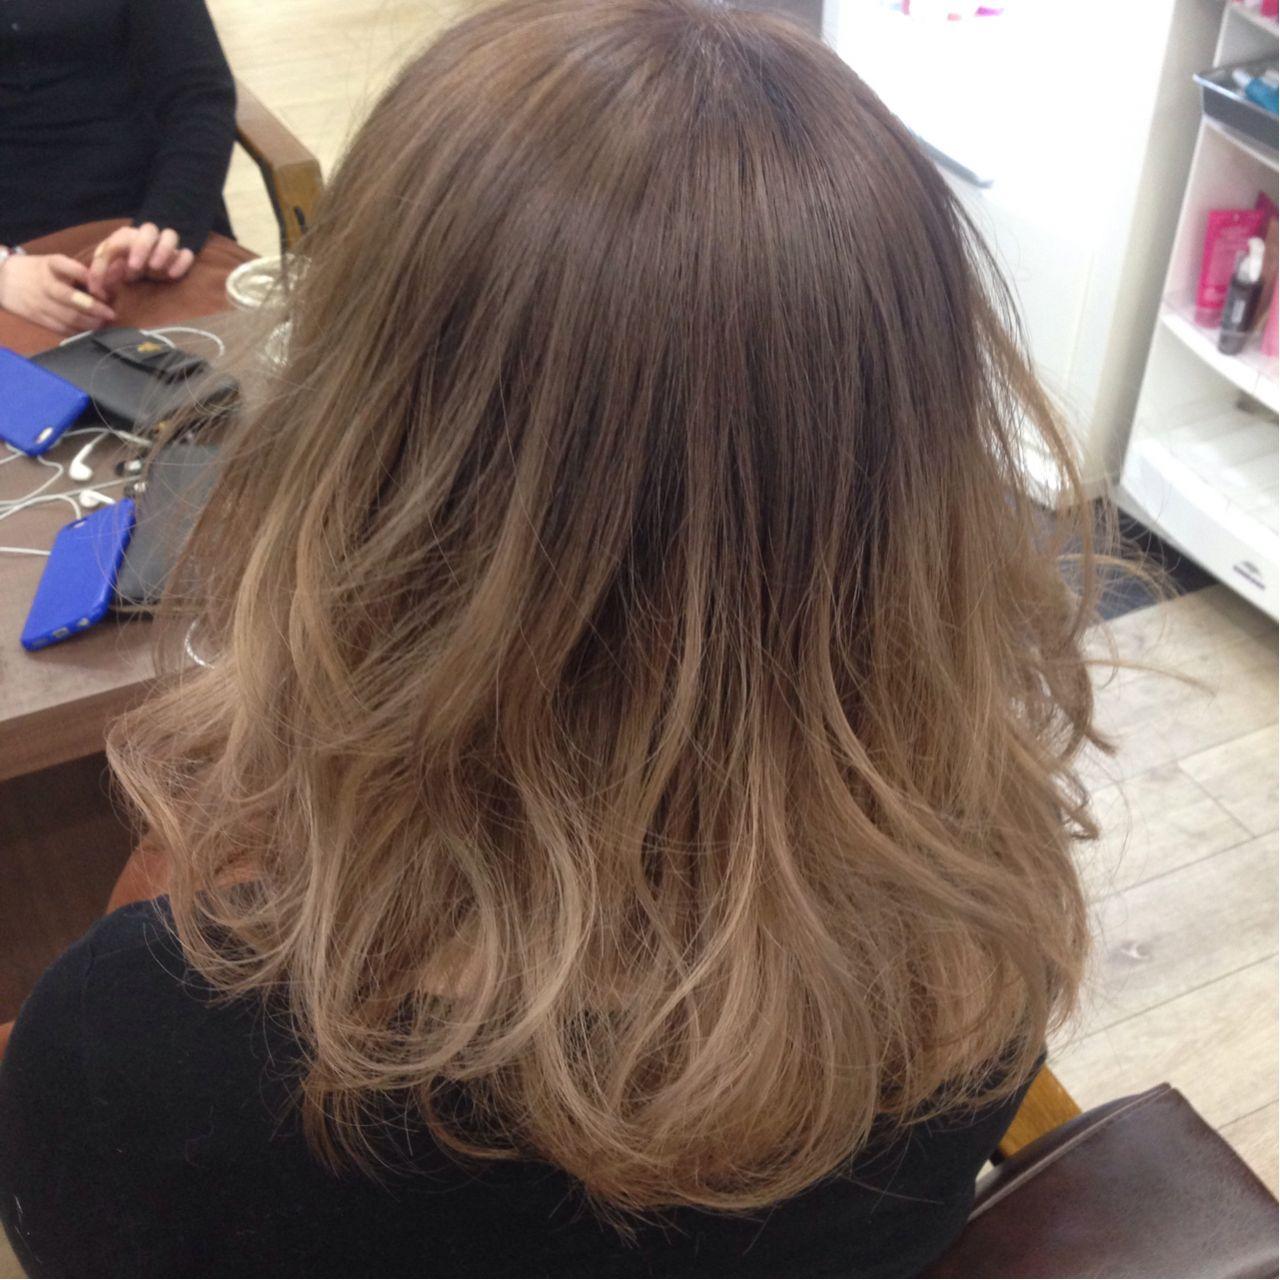 大注目の暗髪×グラデーションまとめ♡ポイントは毛先とハイライト 高山清冠